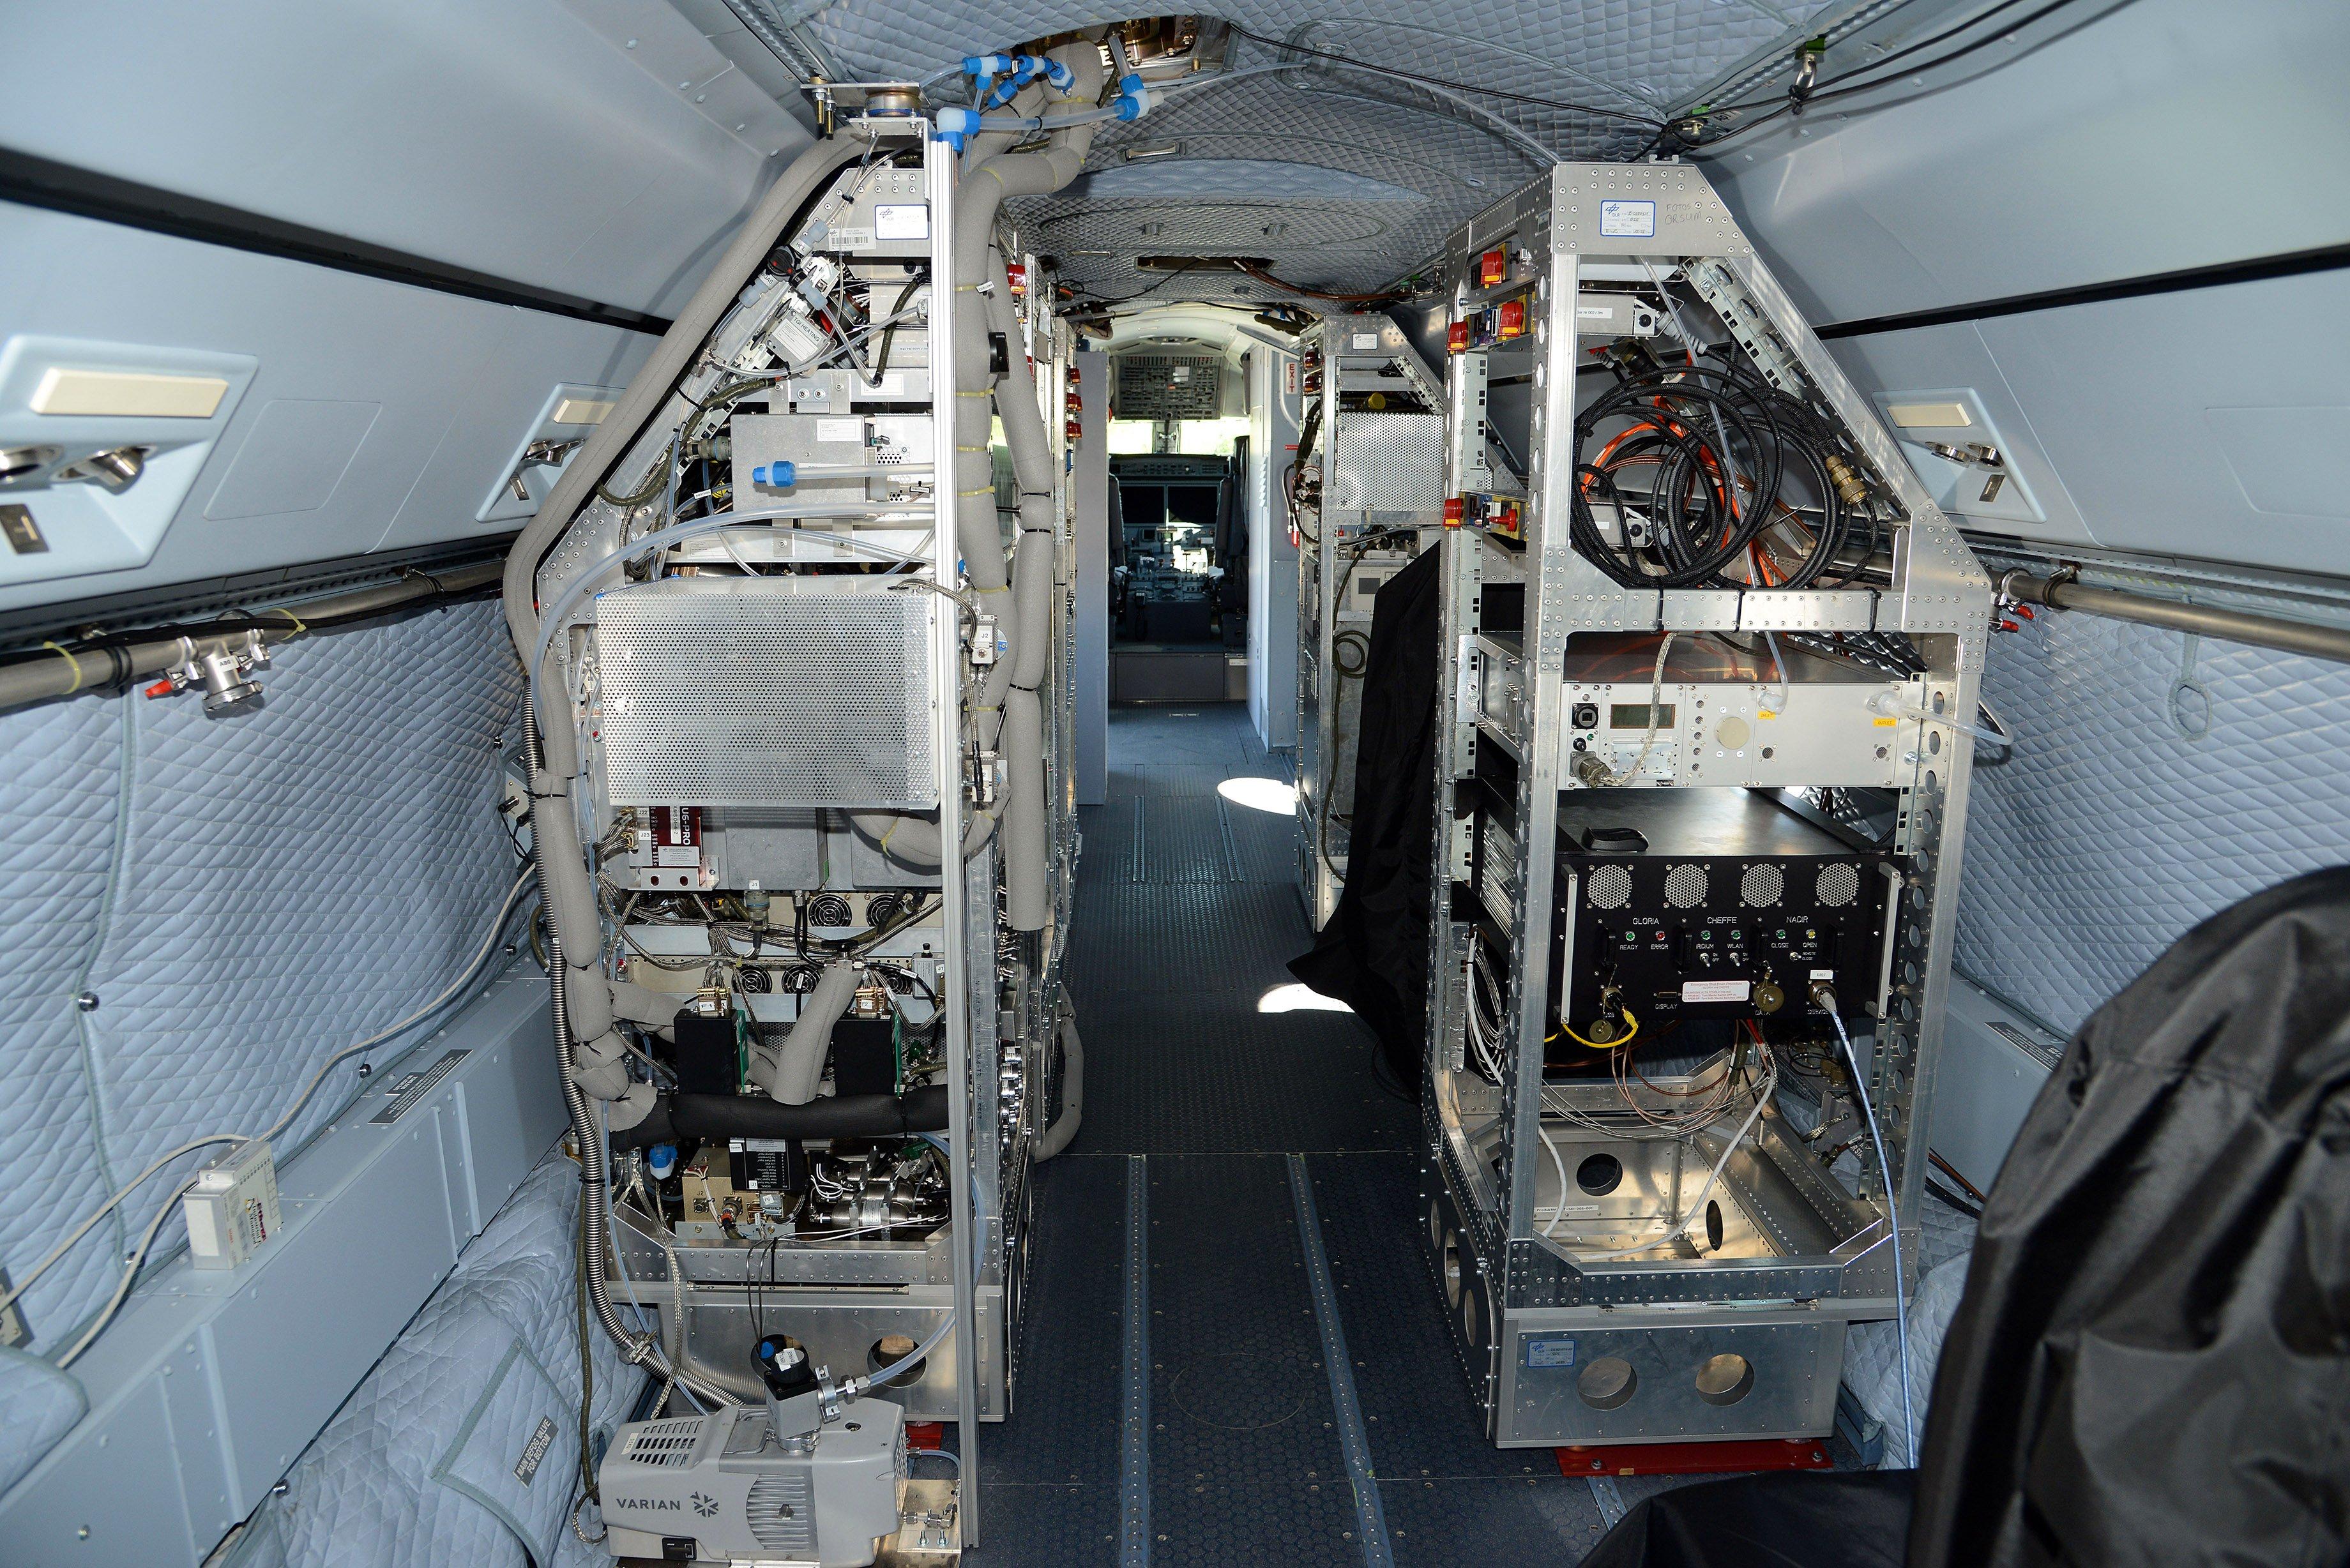 Drei Tonnen modernste Messgeräte zur Untersuchung von Eiswolken am Himmel hat Halo an Bord.